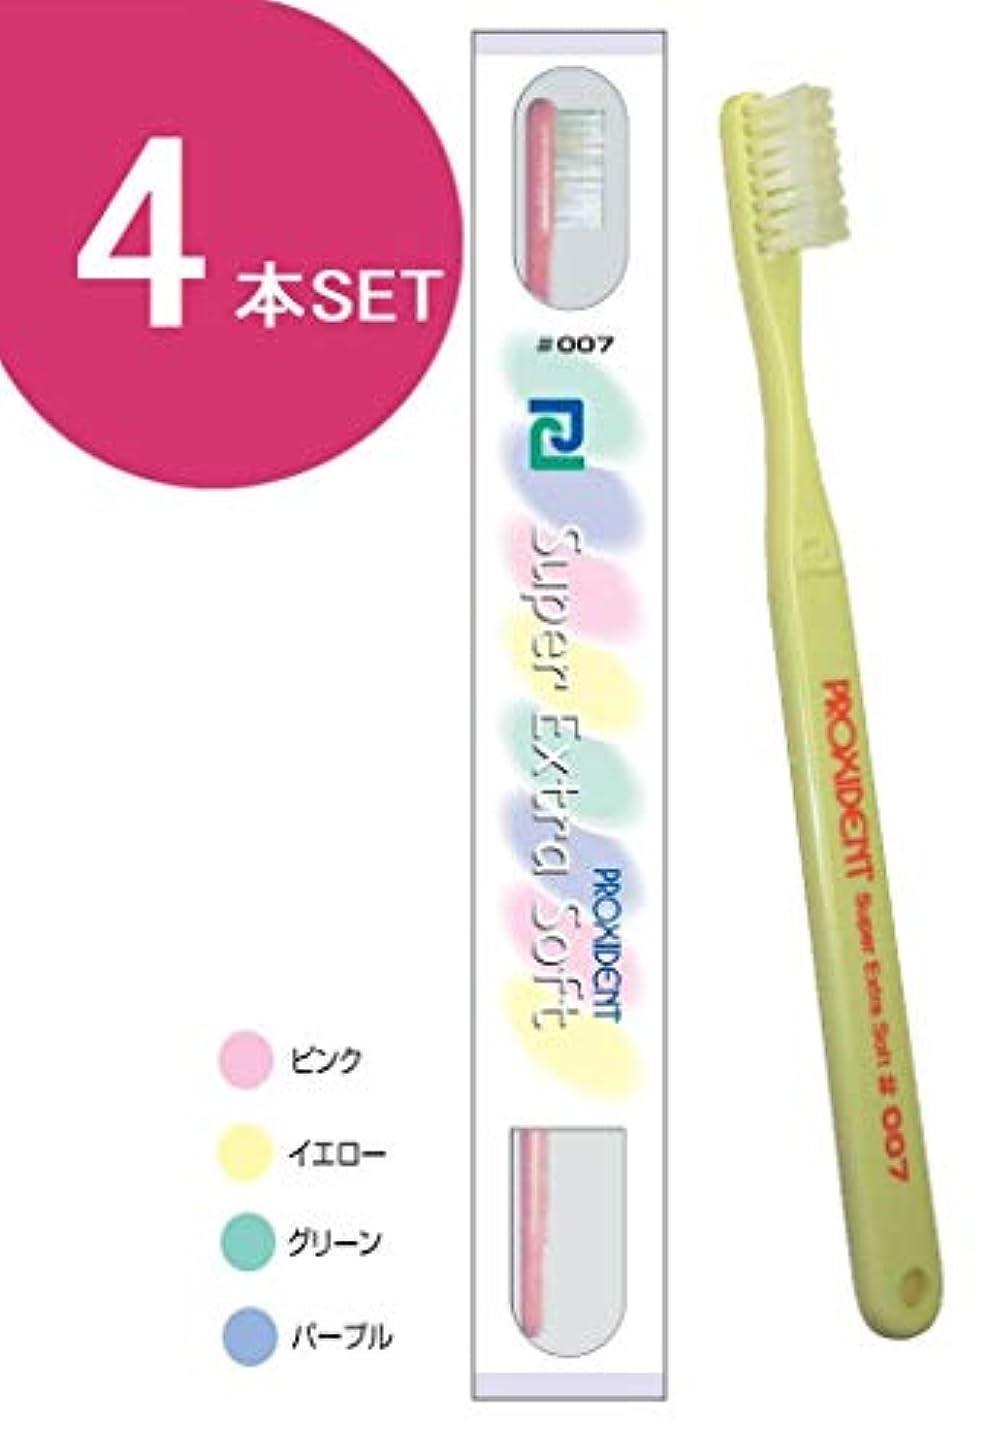 適度にパス狂人プローデント プロキシデント スリムトヘッド スーパーエクストラ ソフト歯ブラシ #007 (4本)